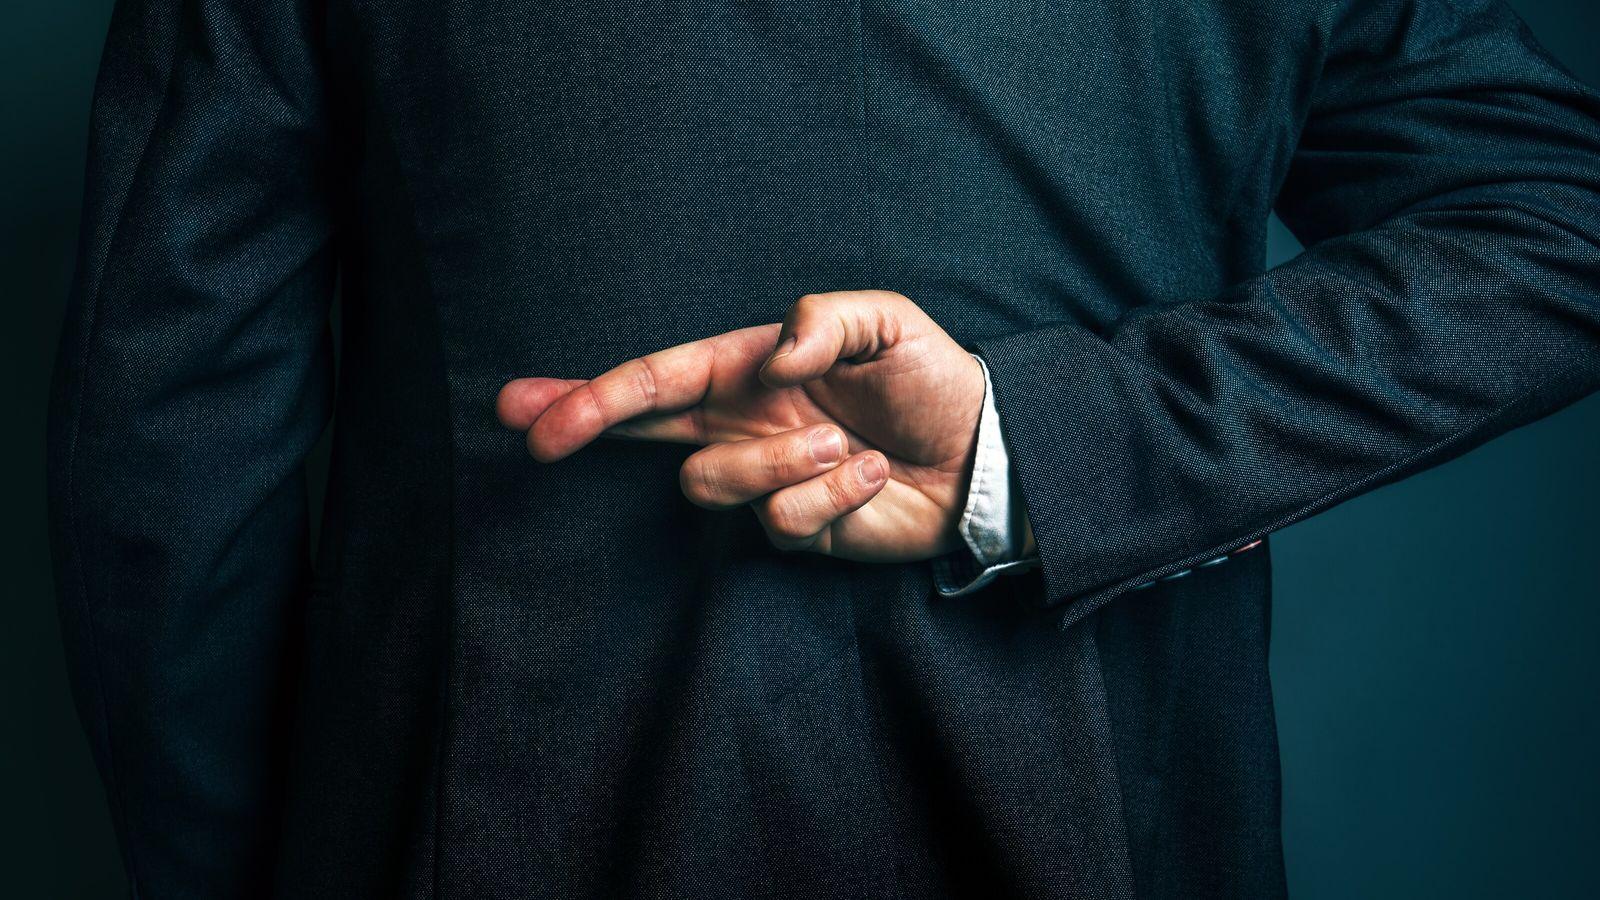 Mann verkreuzt die Finger hinter dem Rücken